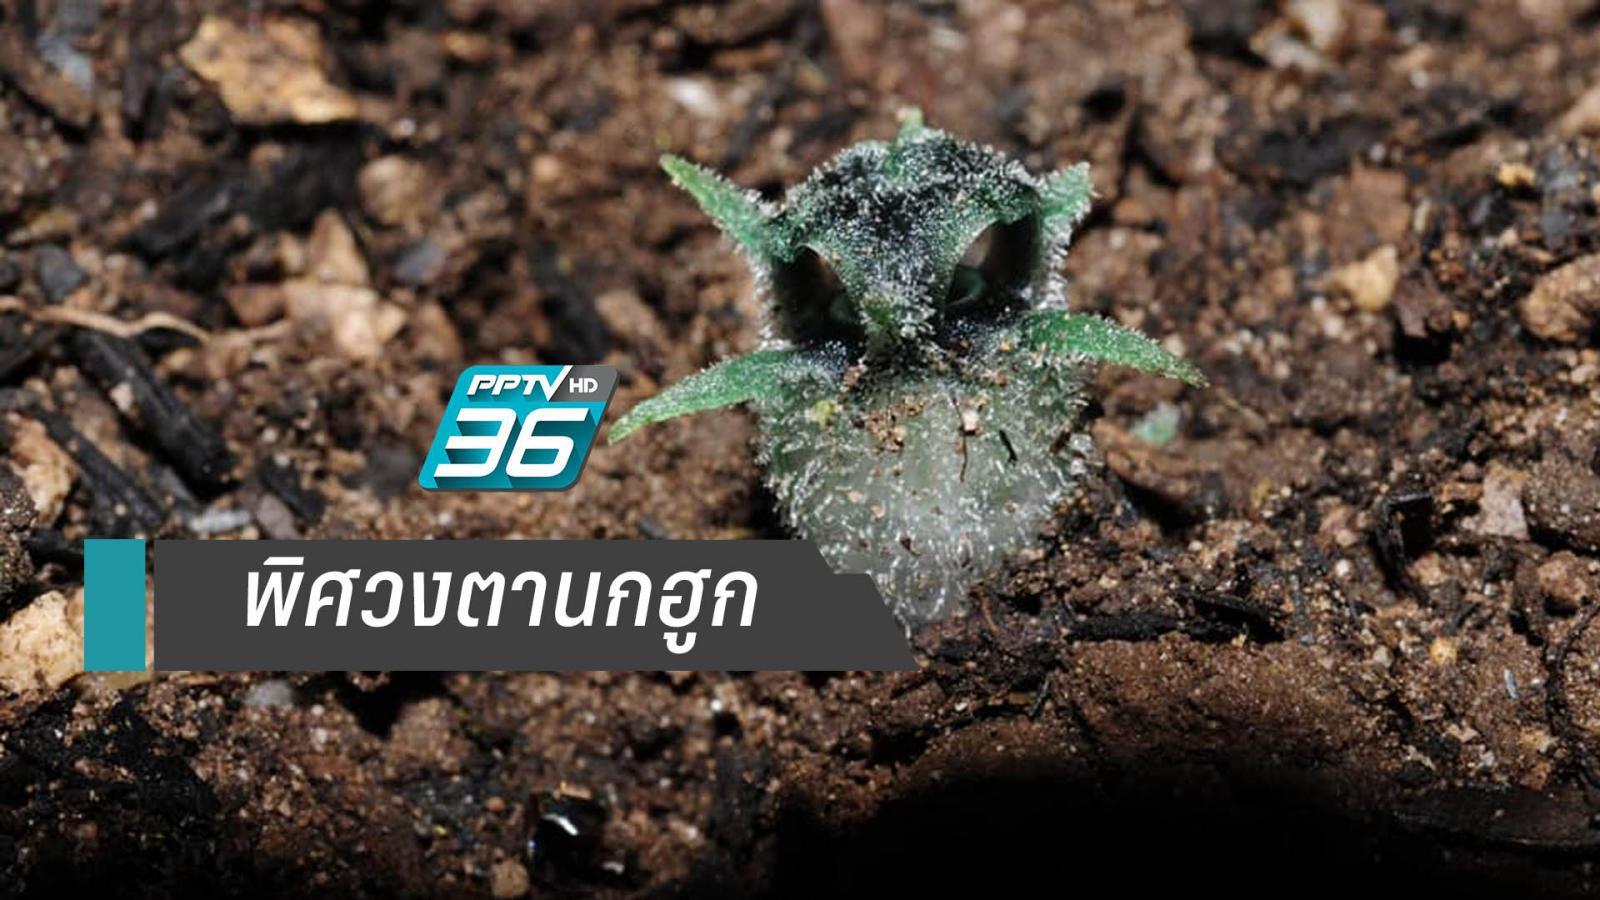 """สมาคมพฤกษศาสตร์ฯเผยความน่ารักพืชชนิดใหม่ """"พิศวงตานกฮูก"""""""